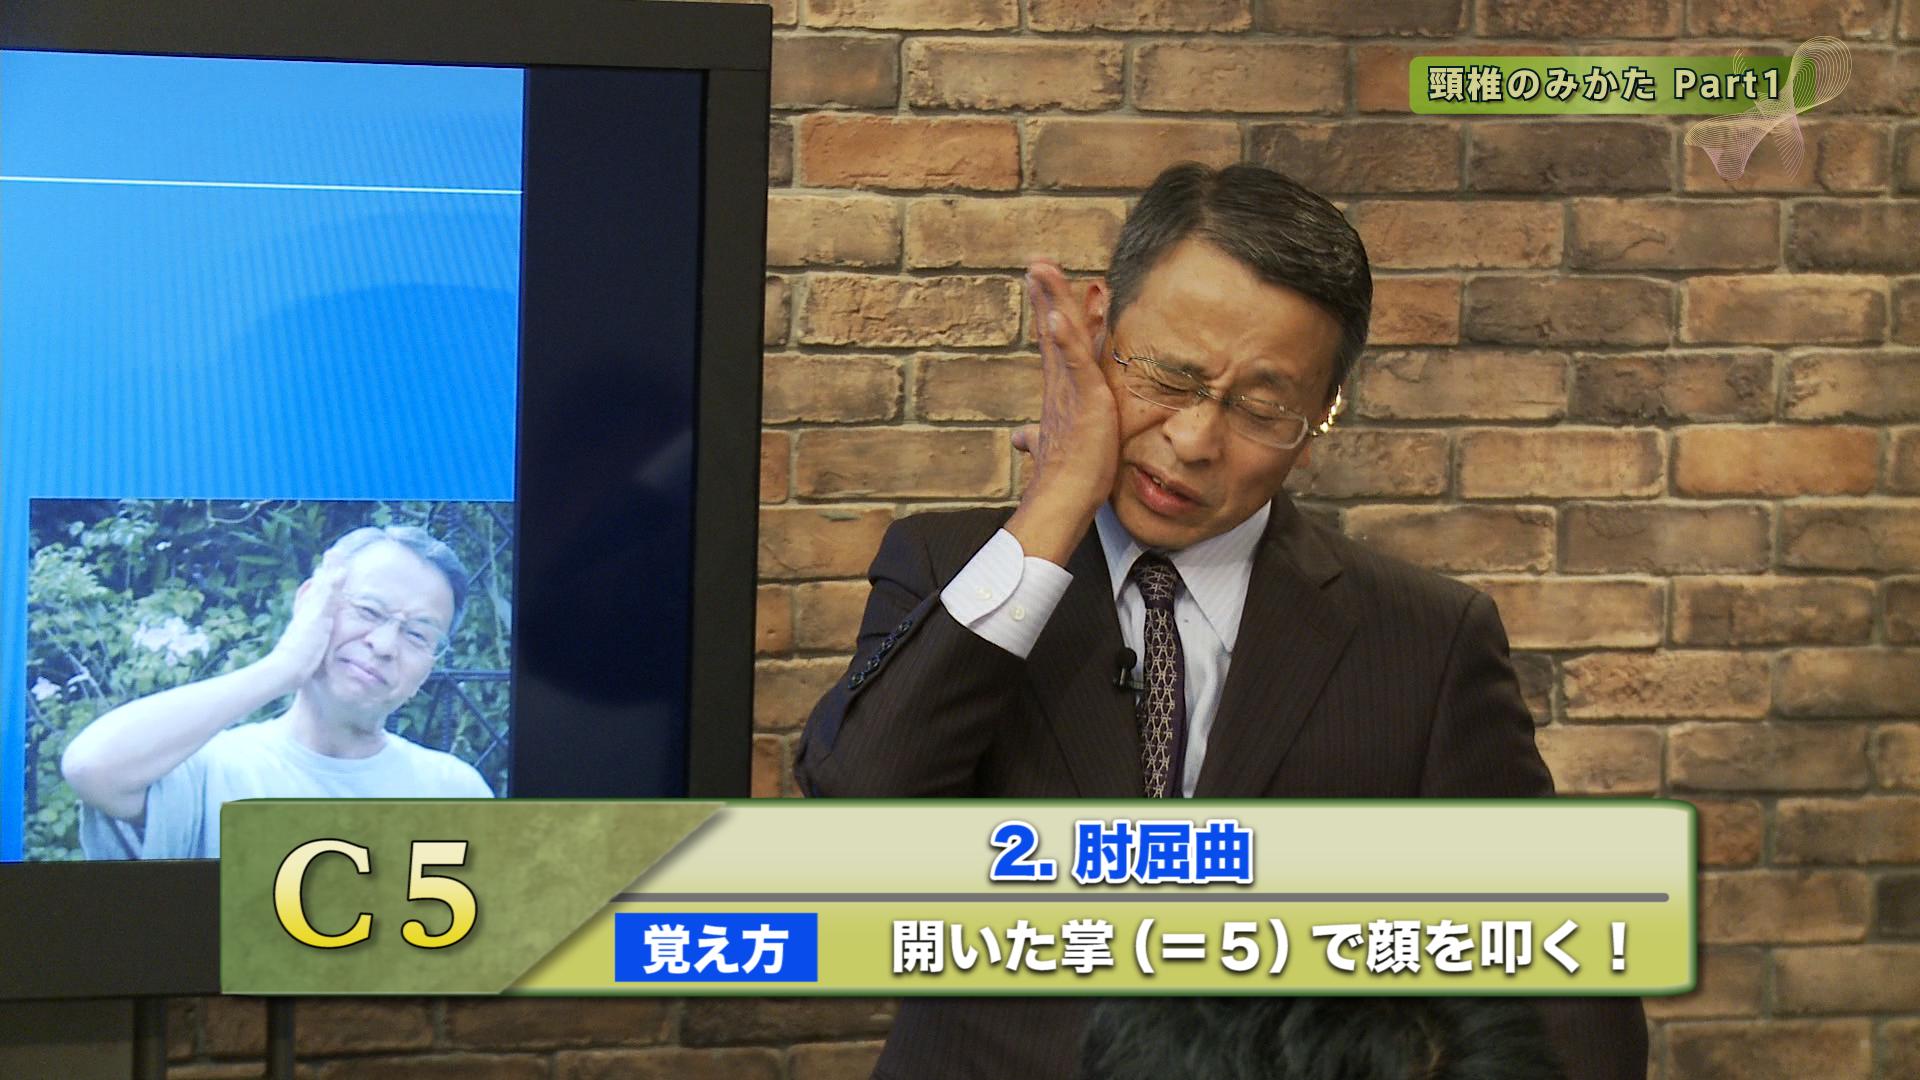 骨太!Dr.仲田のダイナミック整形外科2